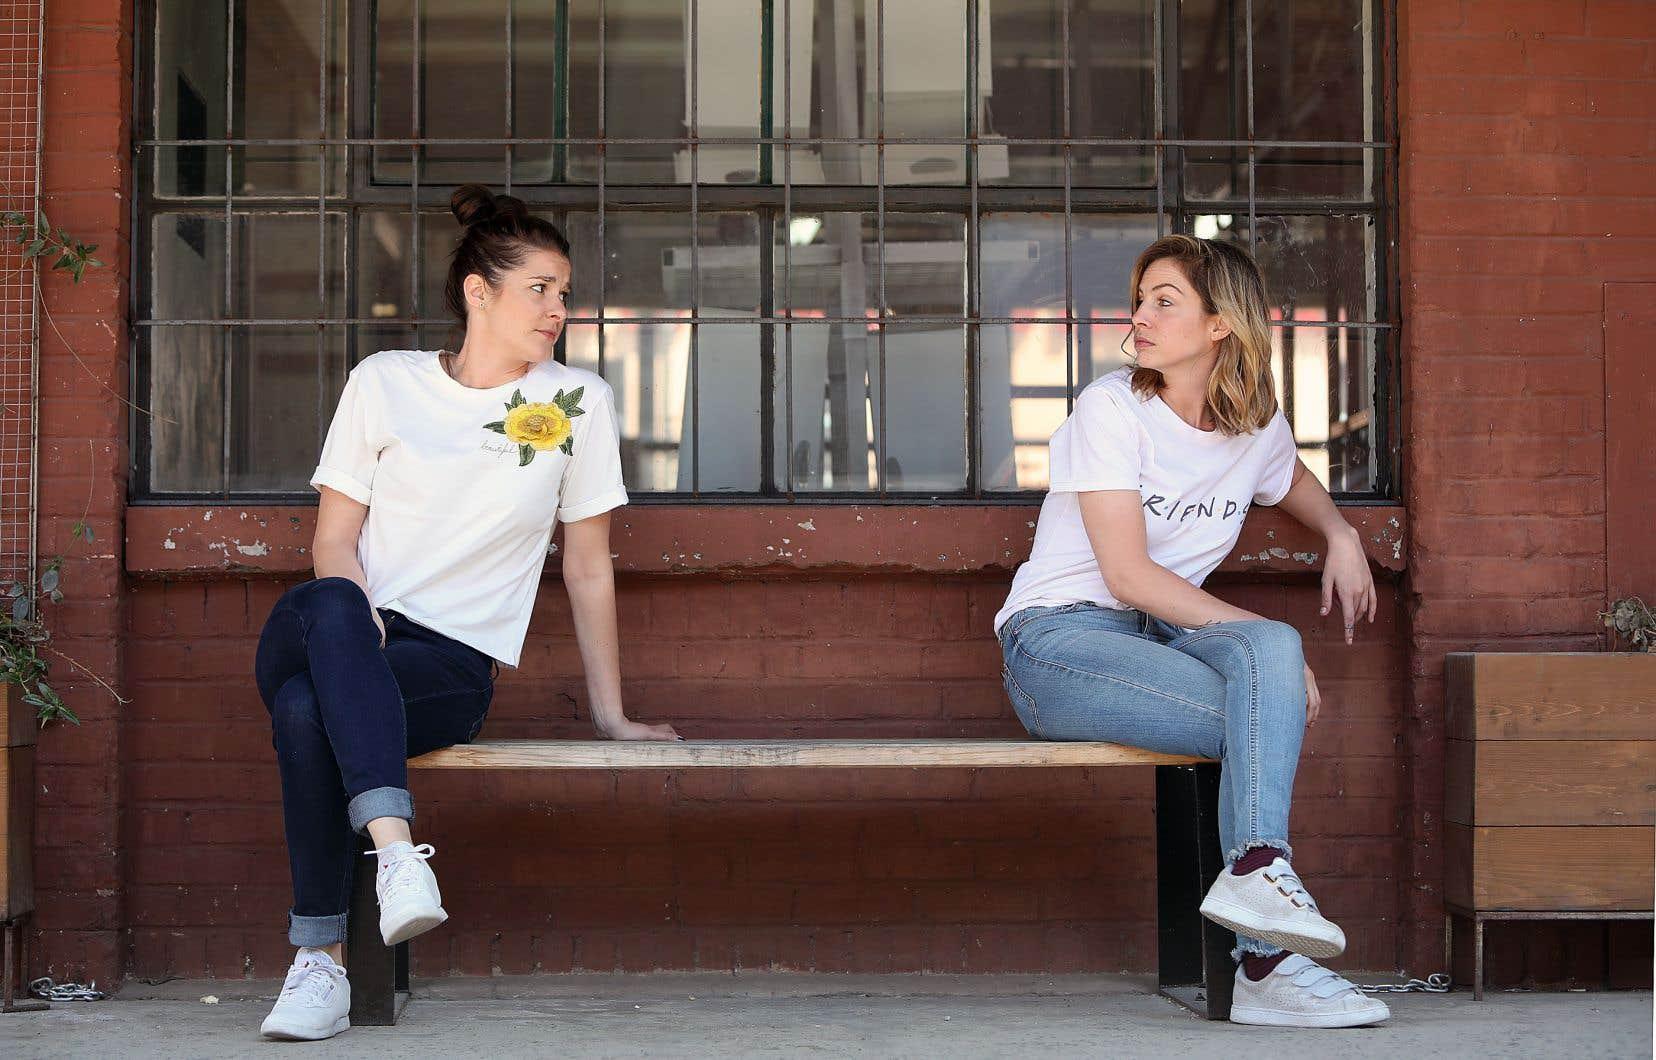 Dans leur premier spectacle «Su'l gros vin», le duo formé par Ève Côté et Marie-Lyne Joncas met en scène deux jeunes trentenaires qui dissèquent leurs catastrophiques rendez-vous amoureux et jasent de sexe.